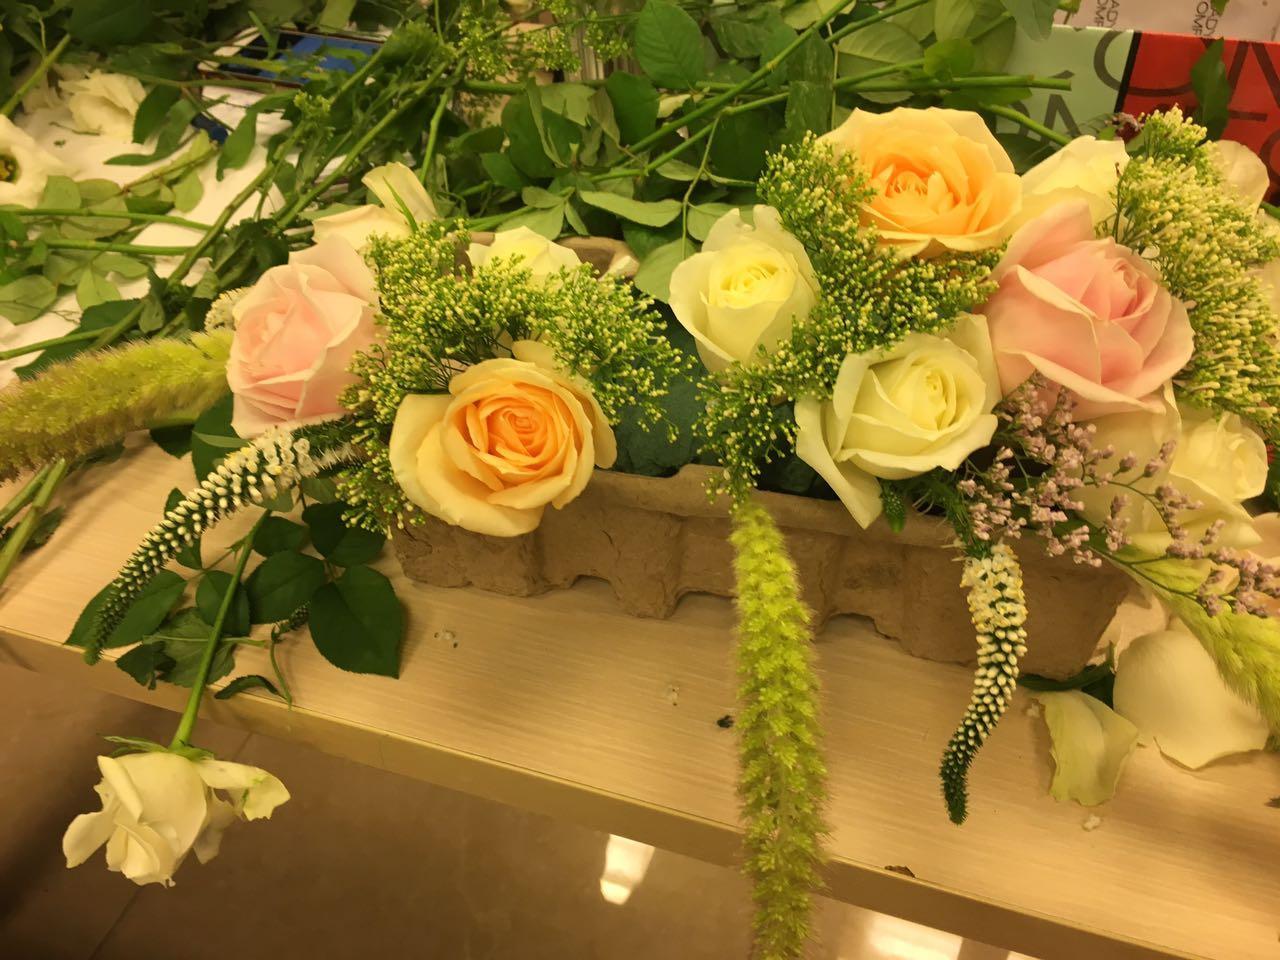 גלרייה - שזירת פרחים - קורס עיצוב ניהול והפקת אירועים מחזור 15, 22 מתוך 22